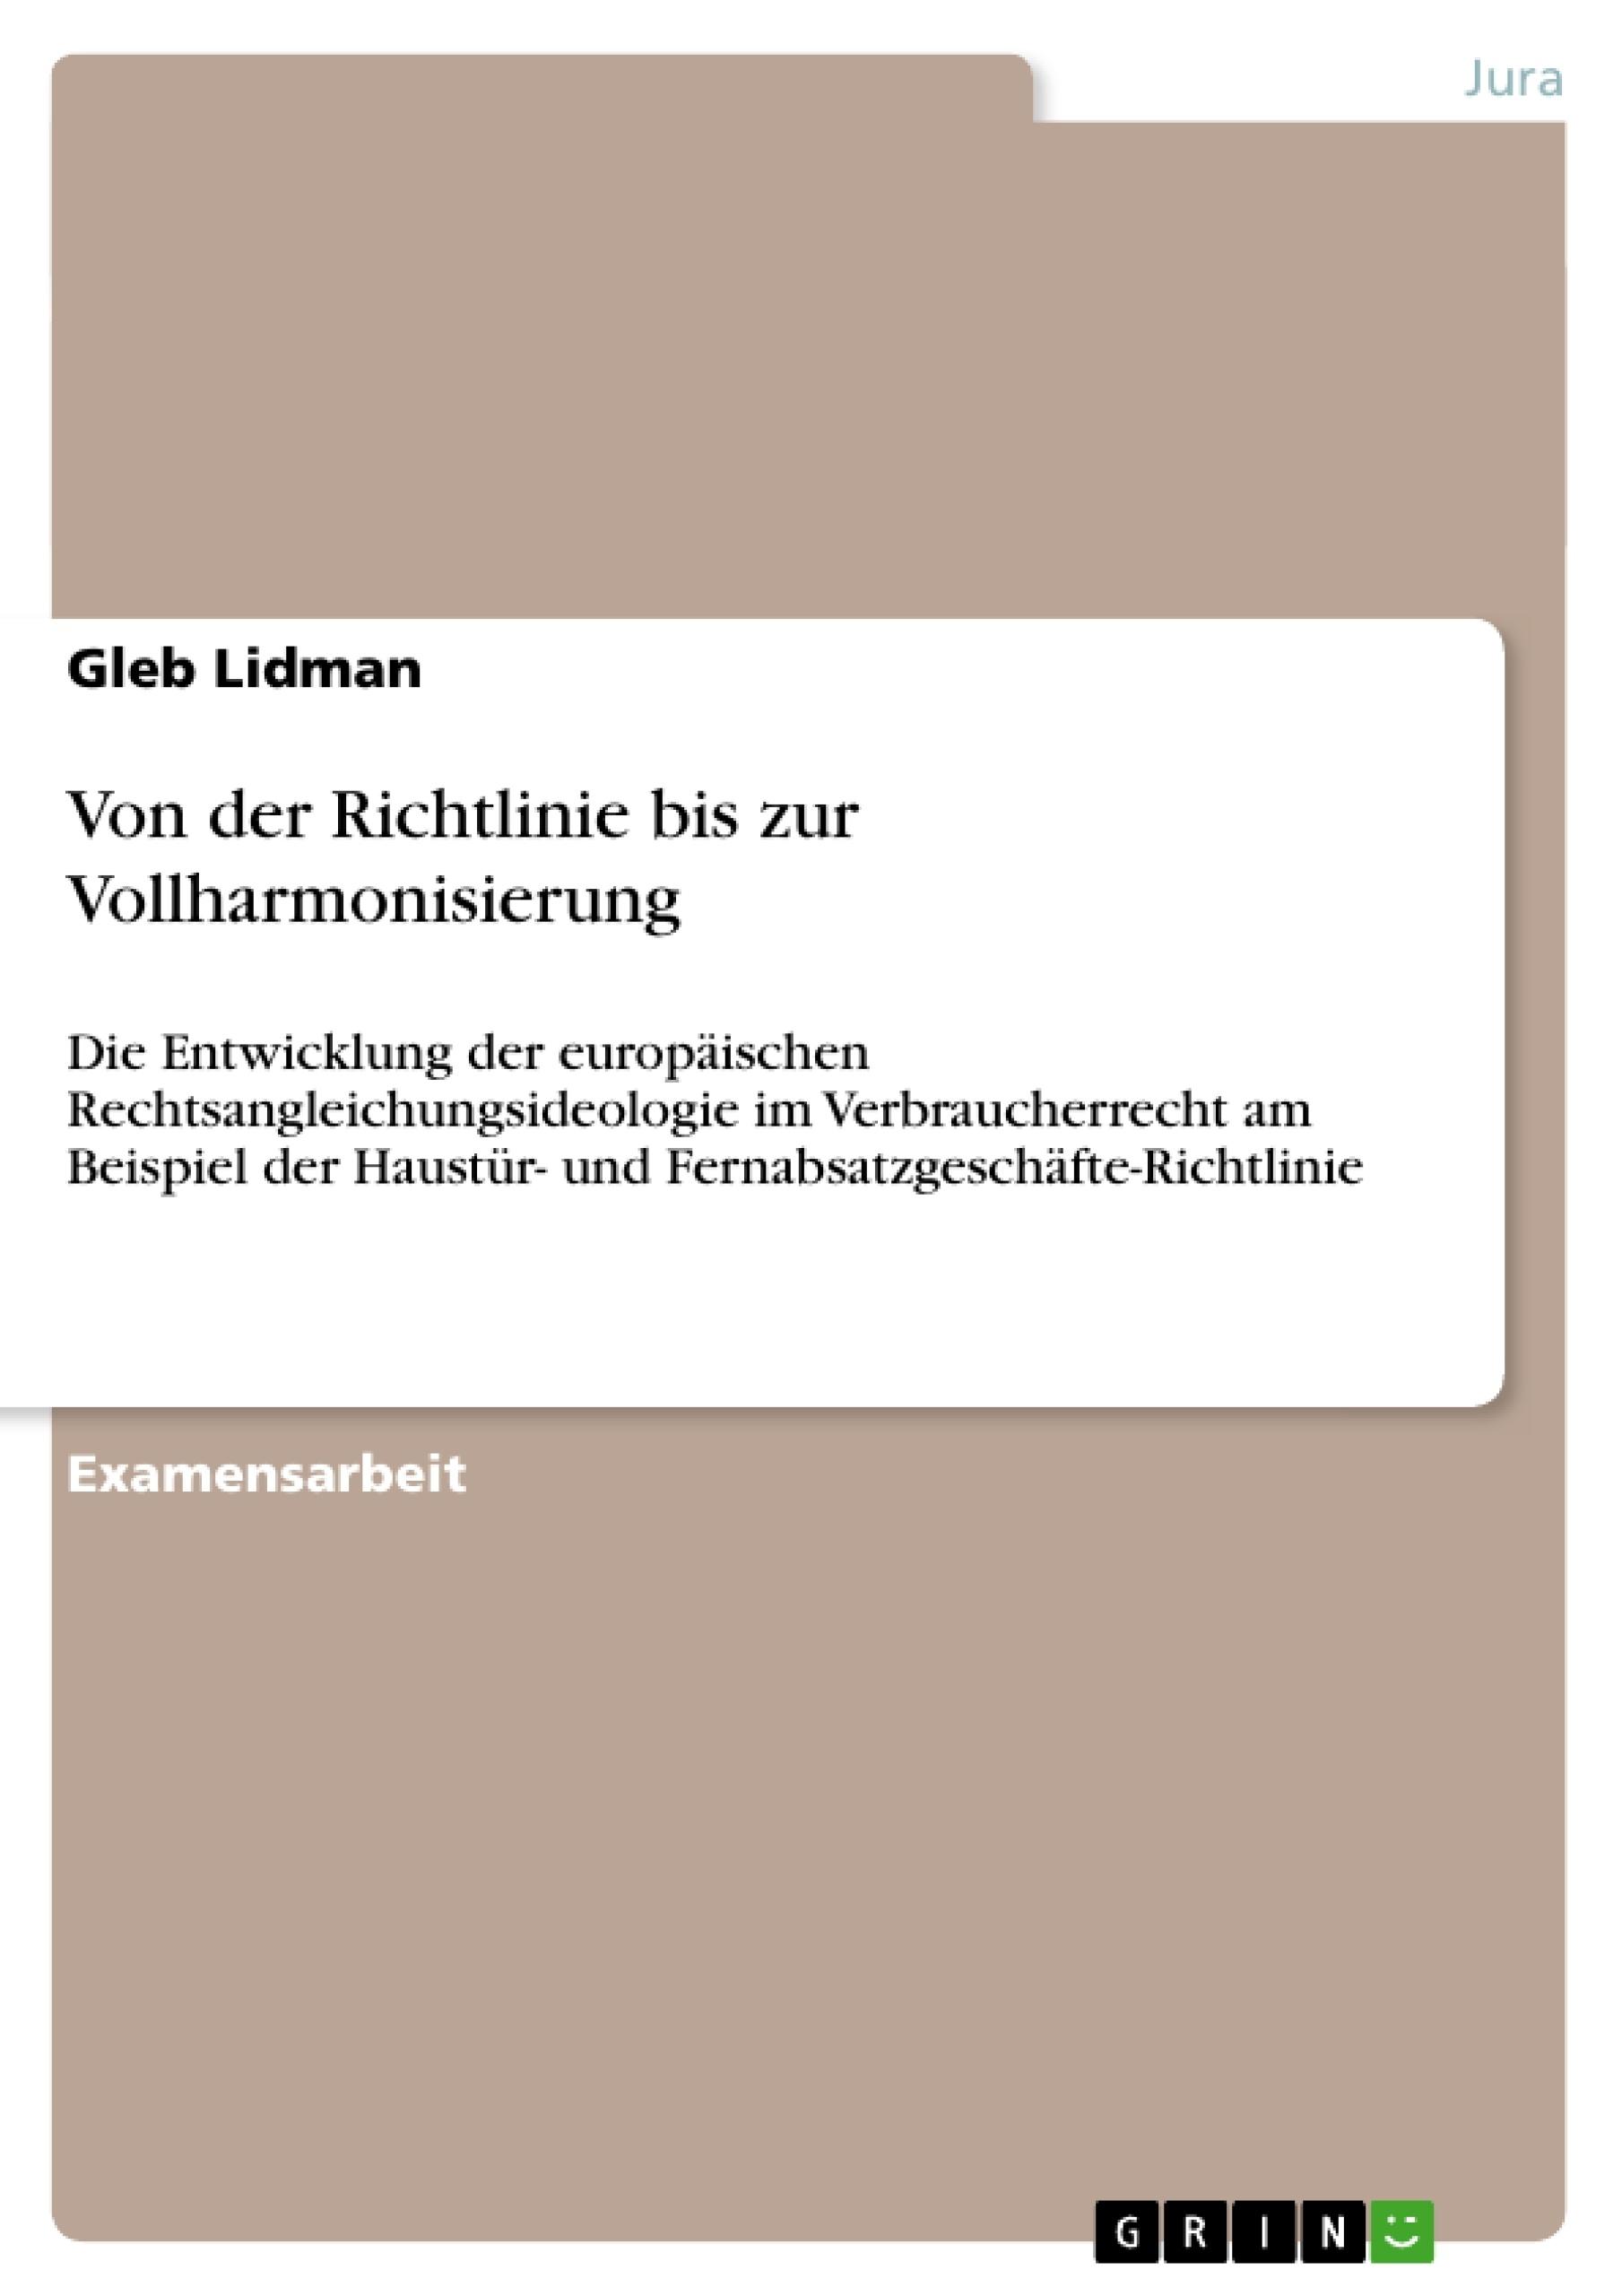 Titel: Von der Richtlinie bis zur Vollharmonisierung